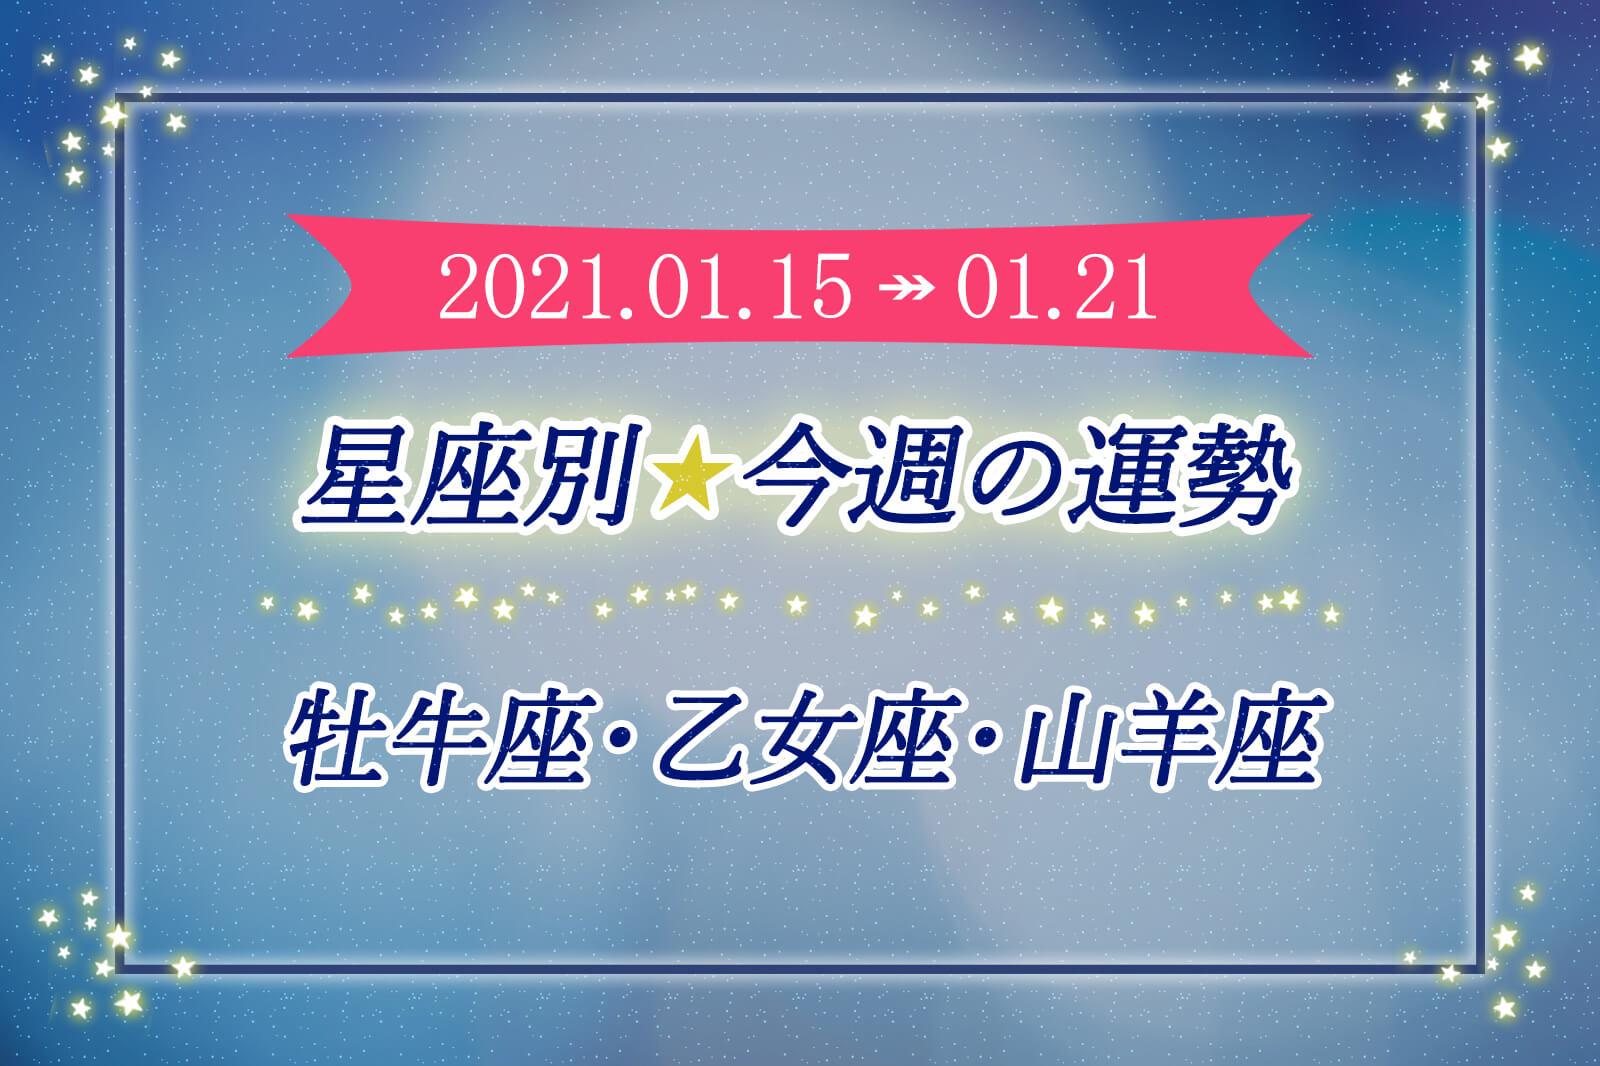 ≪牡牛座/乙女座/山羊座≫月の動きで見る1週間の心の変化*1月15日 ~ 1月21日